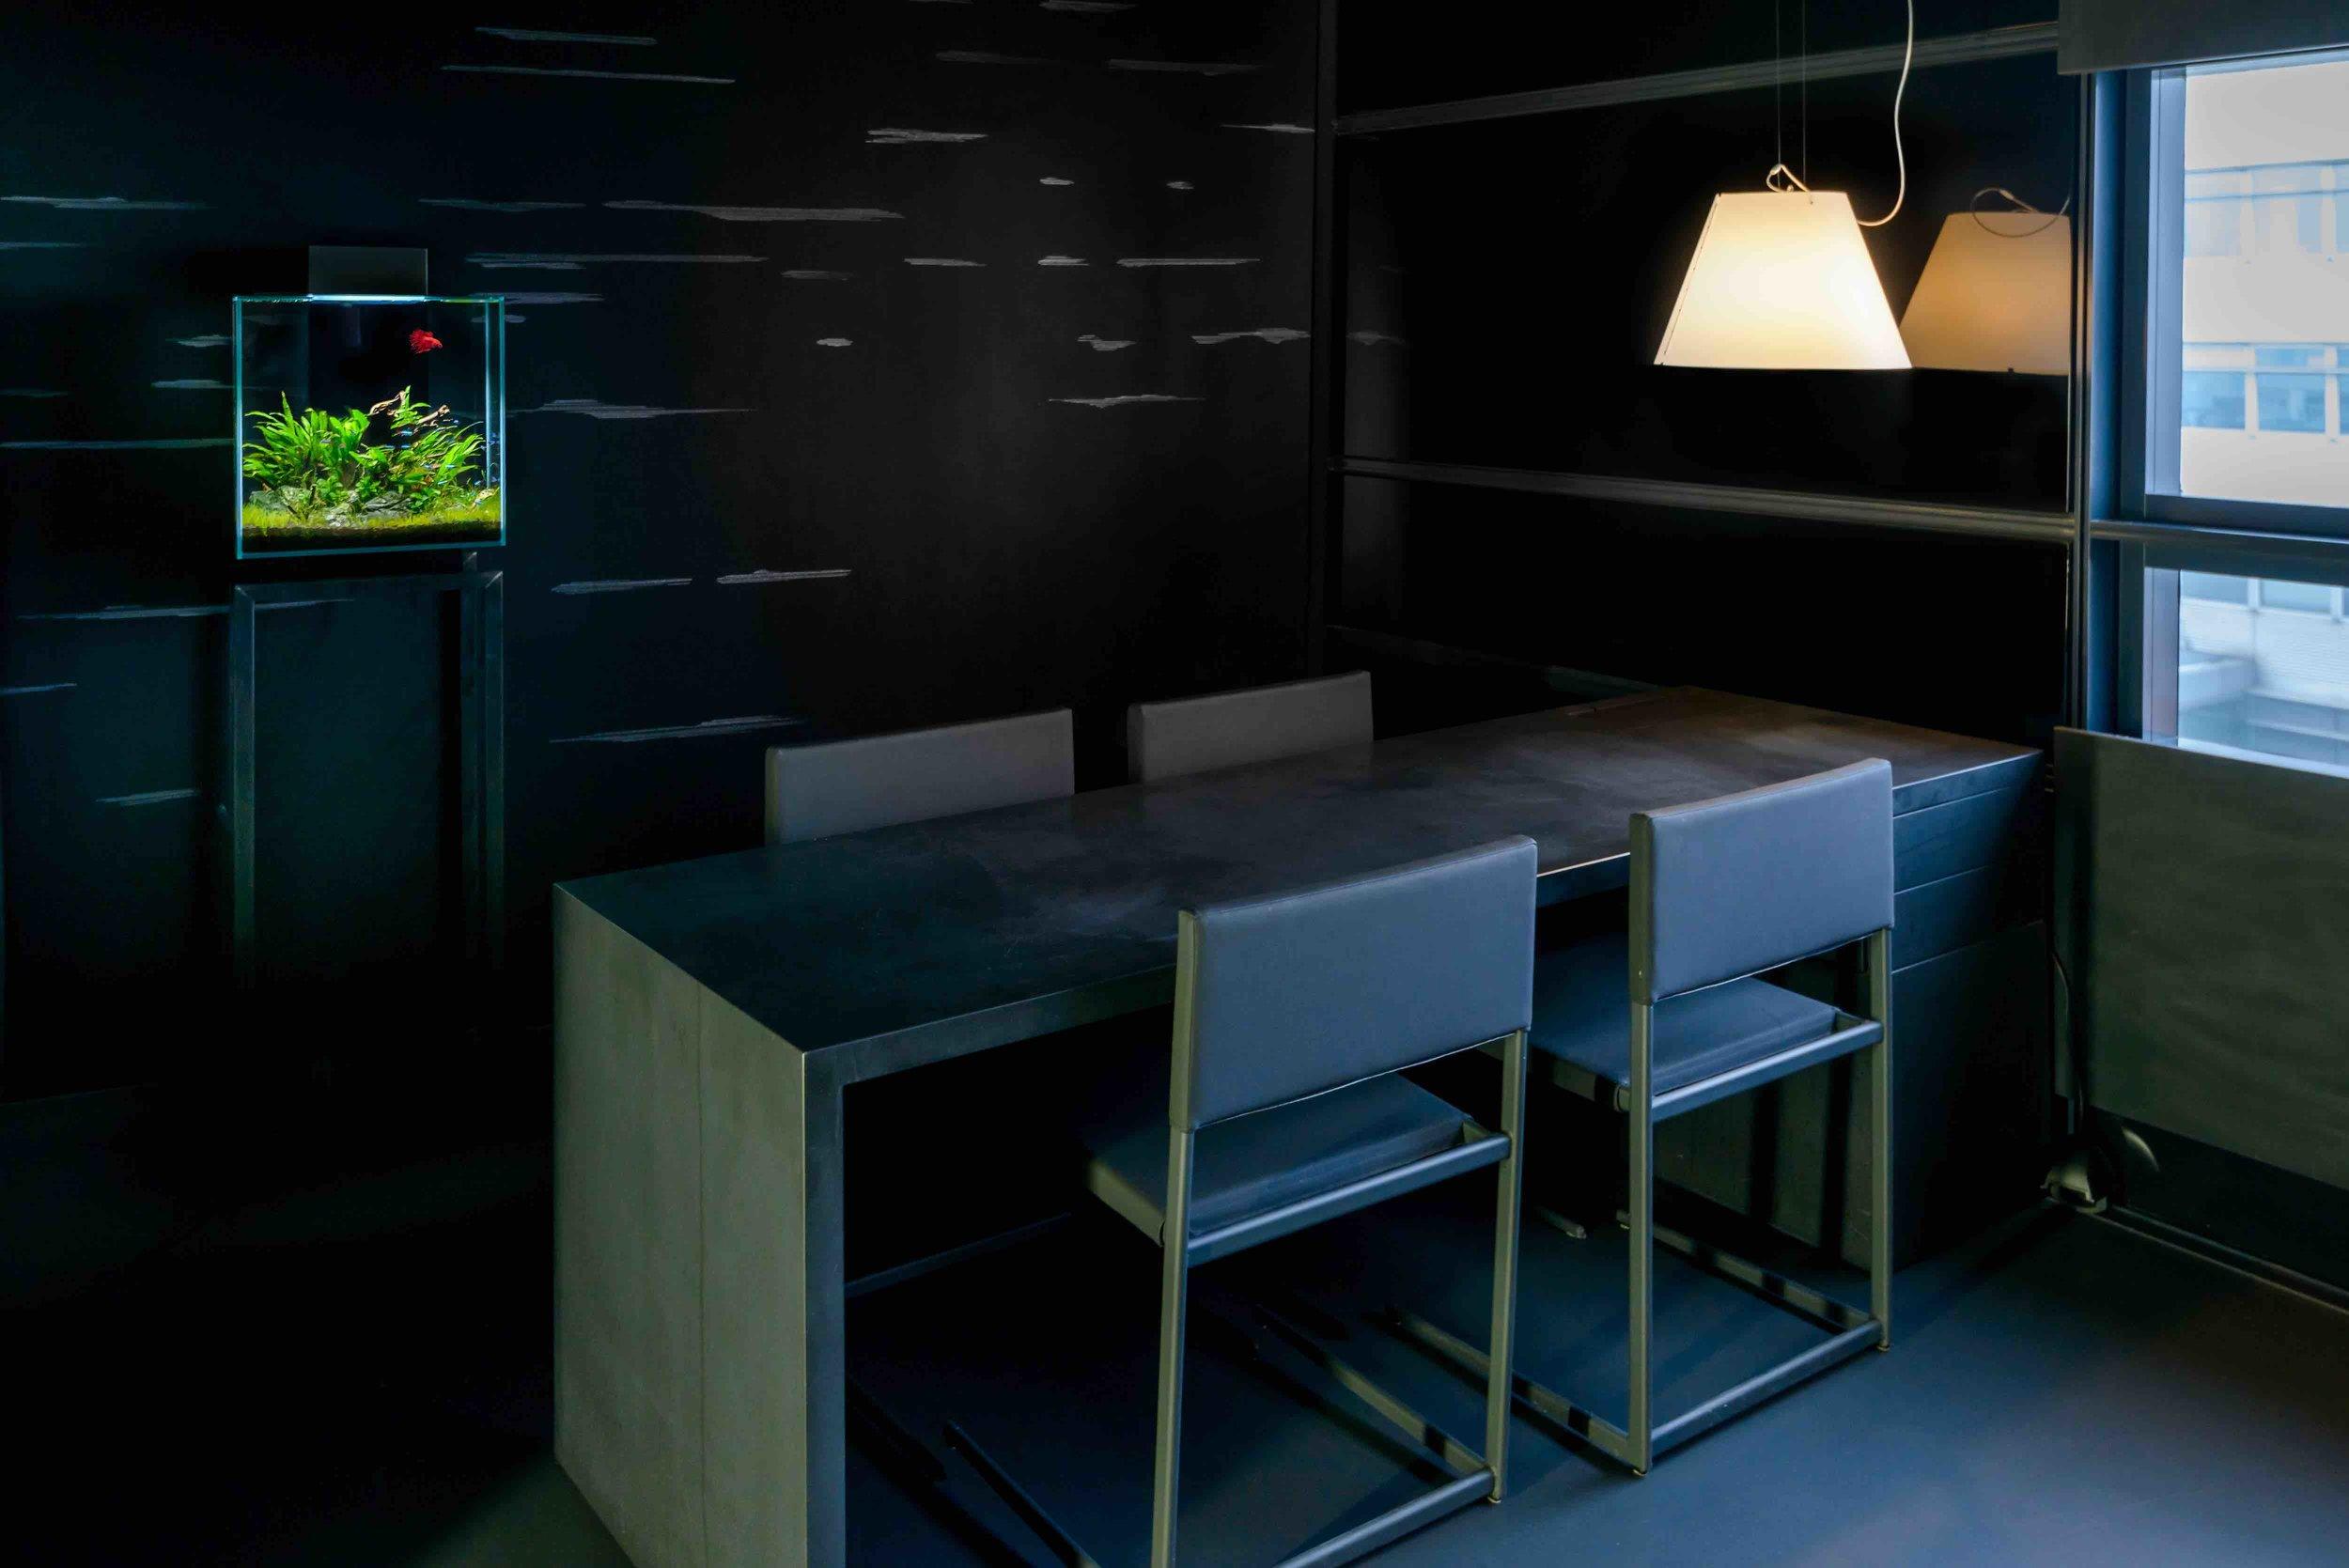 Livecube Aquarium Stilwerk Wohnzimmer klein.jpg